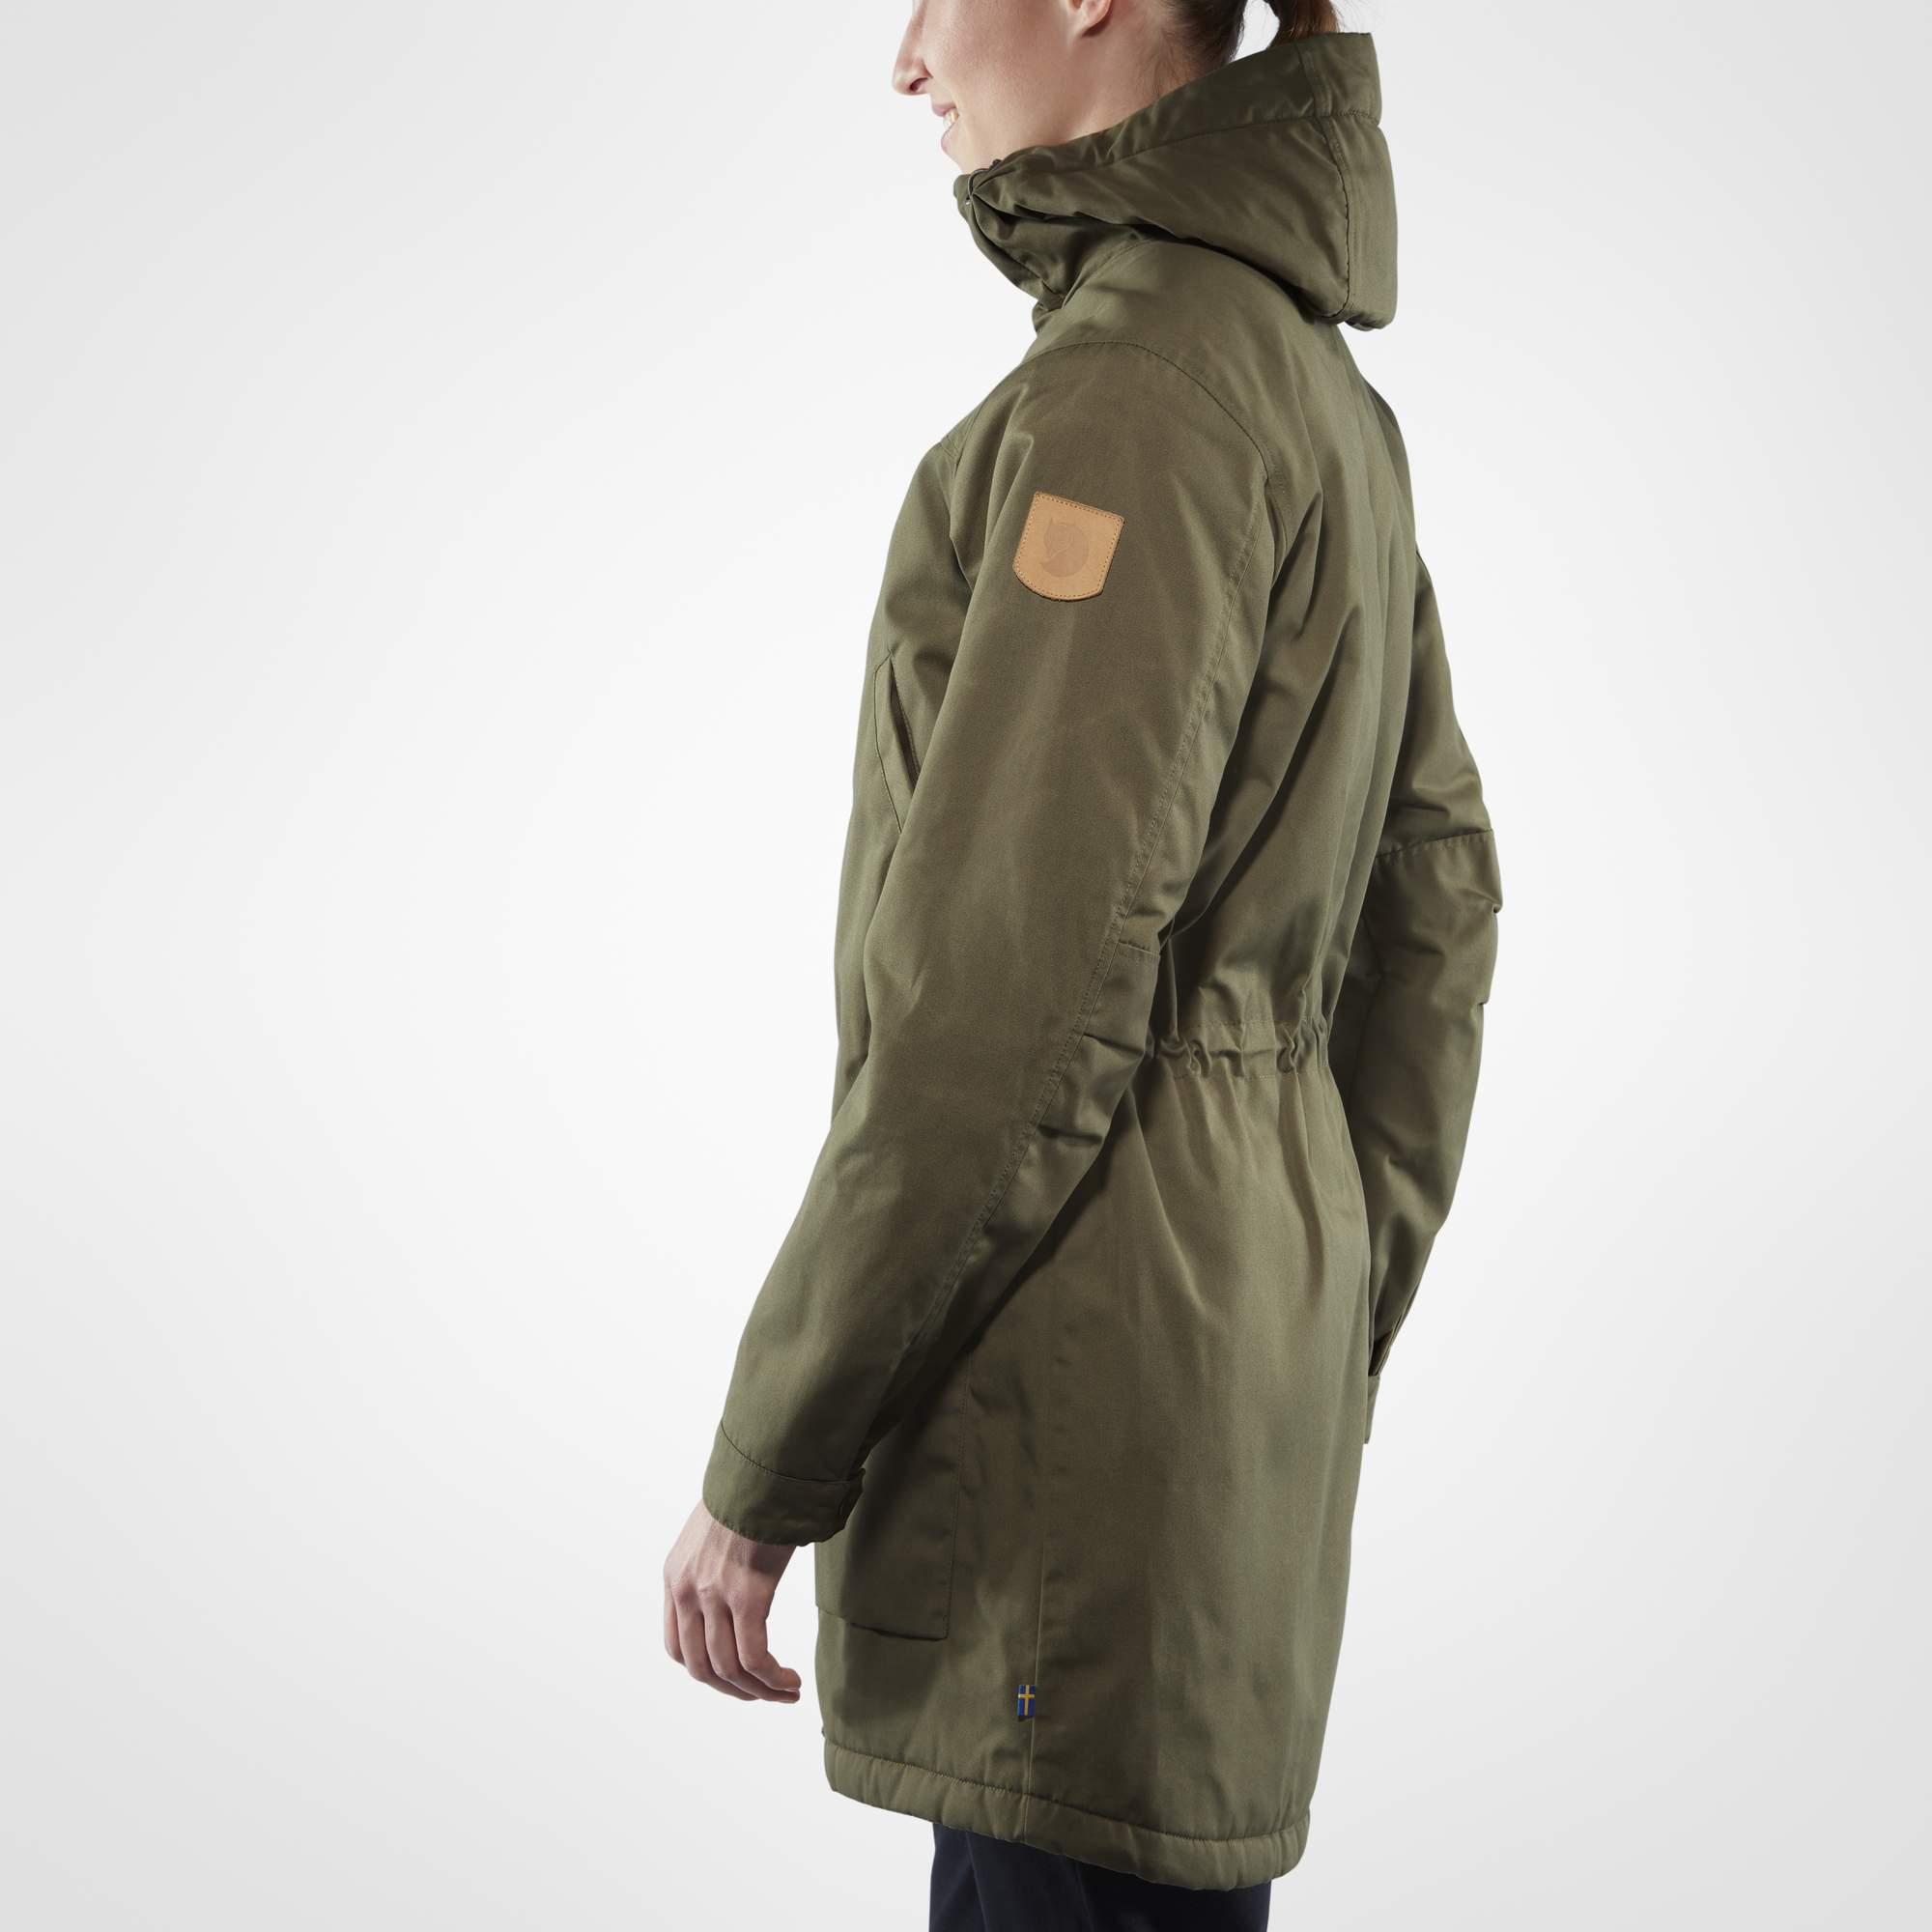 Fjällräven Greenland Winter Jacket (Dame)